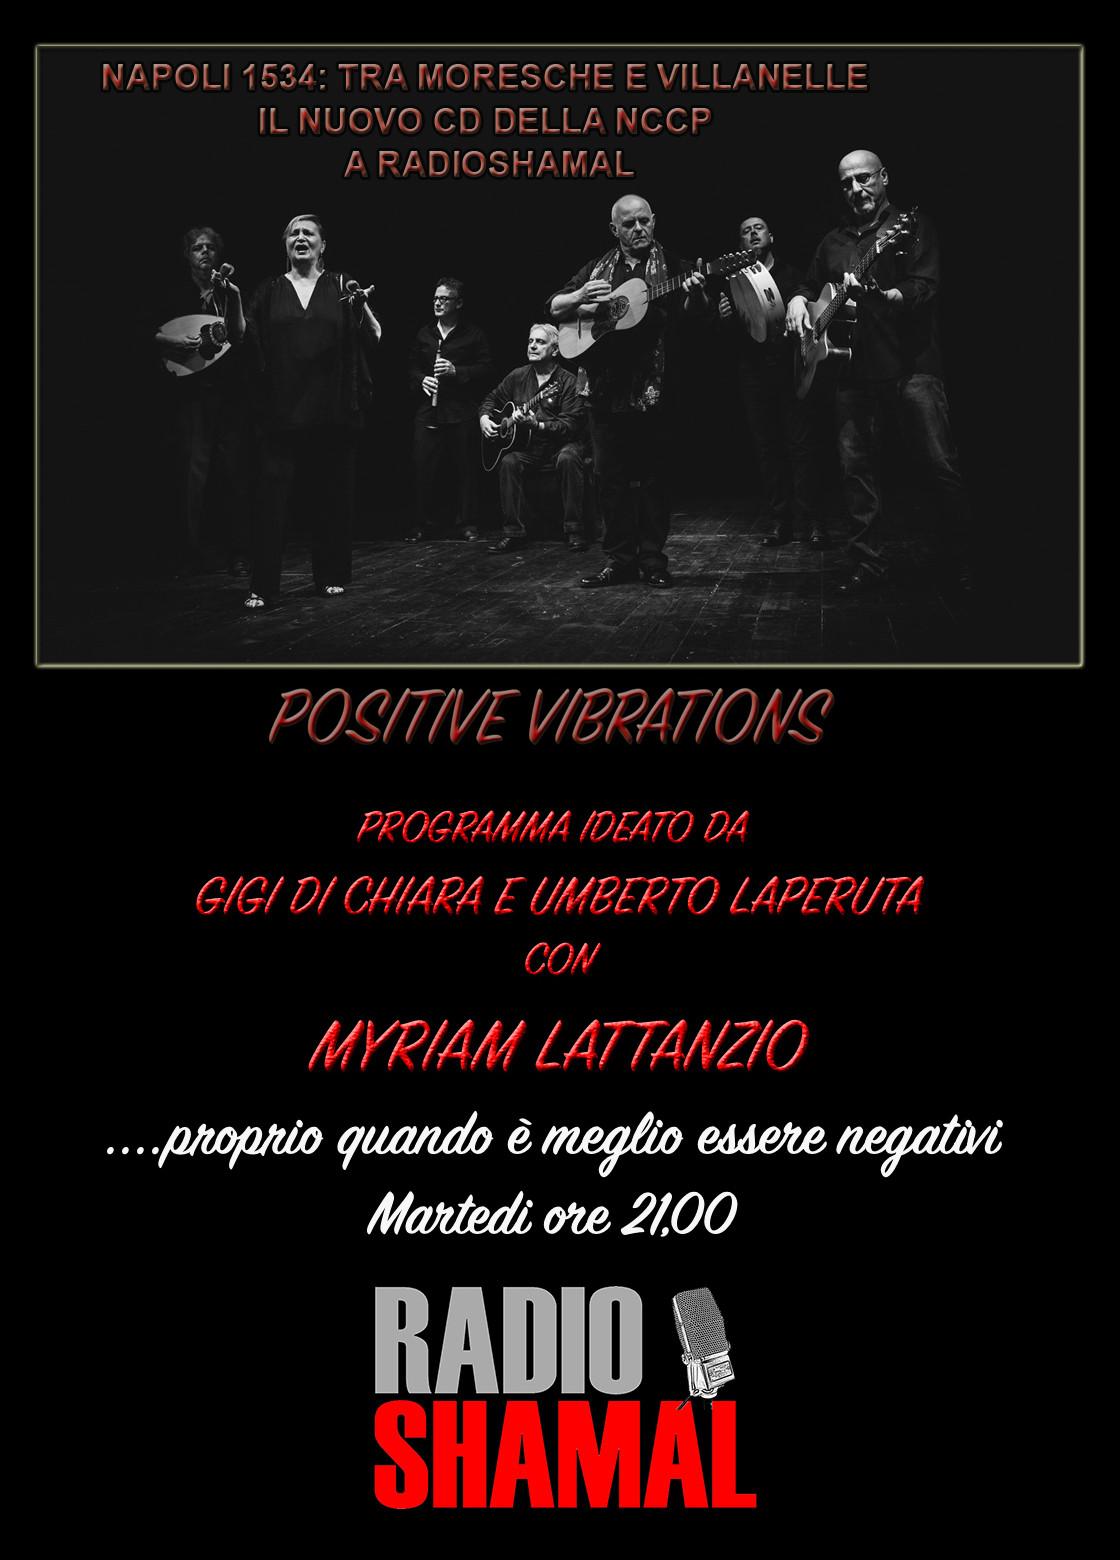 Positive Vibrations p07